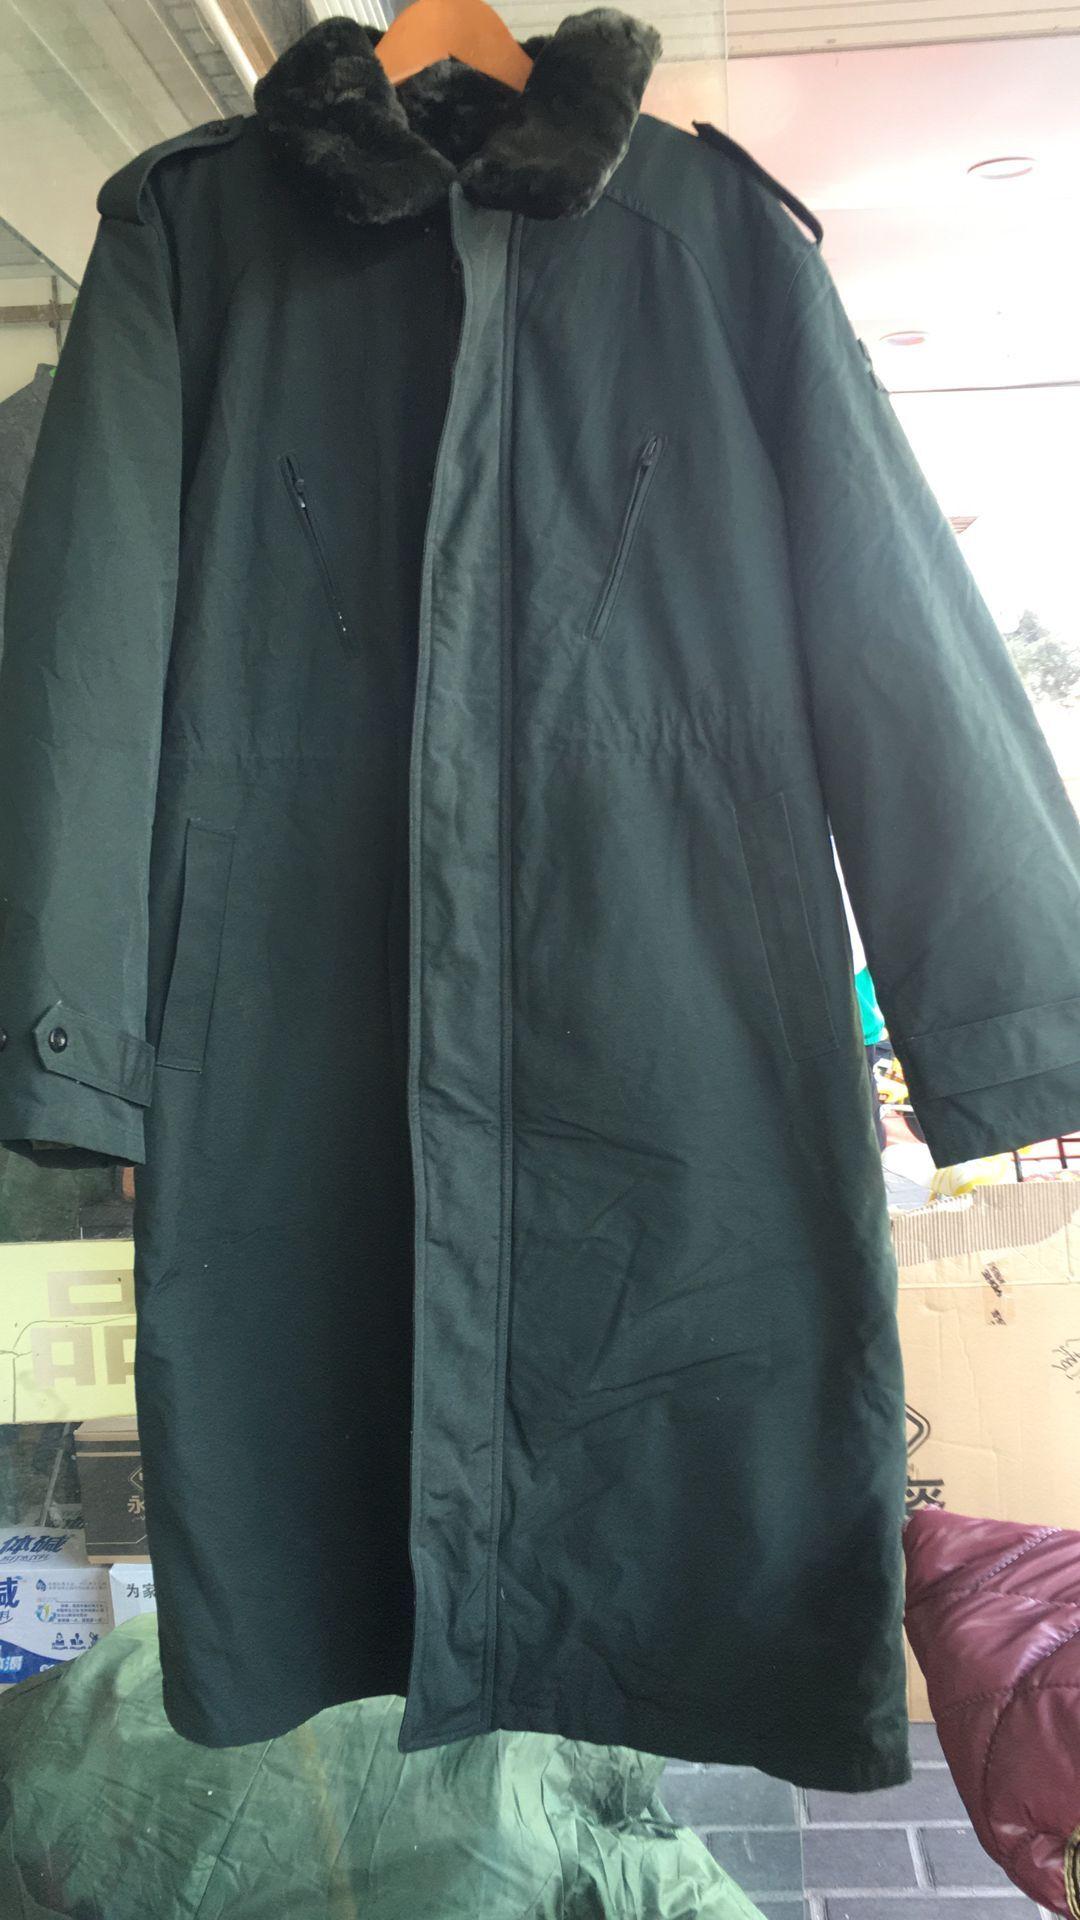 Перекупно оригинал Вскользь ткань пальто Делает учит холодн-сопротивлению одежды удерживающий тепло верх платить оригинал 8.9 tenths новый бесплатная доставка по китаю